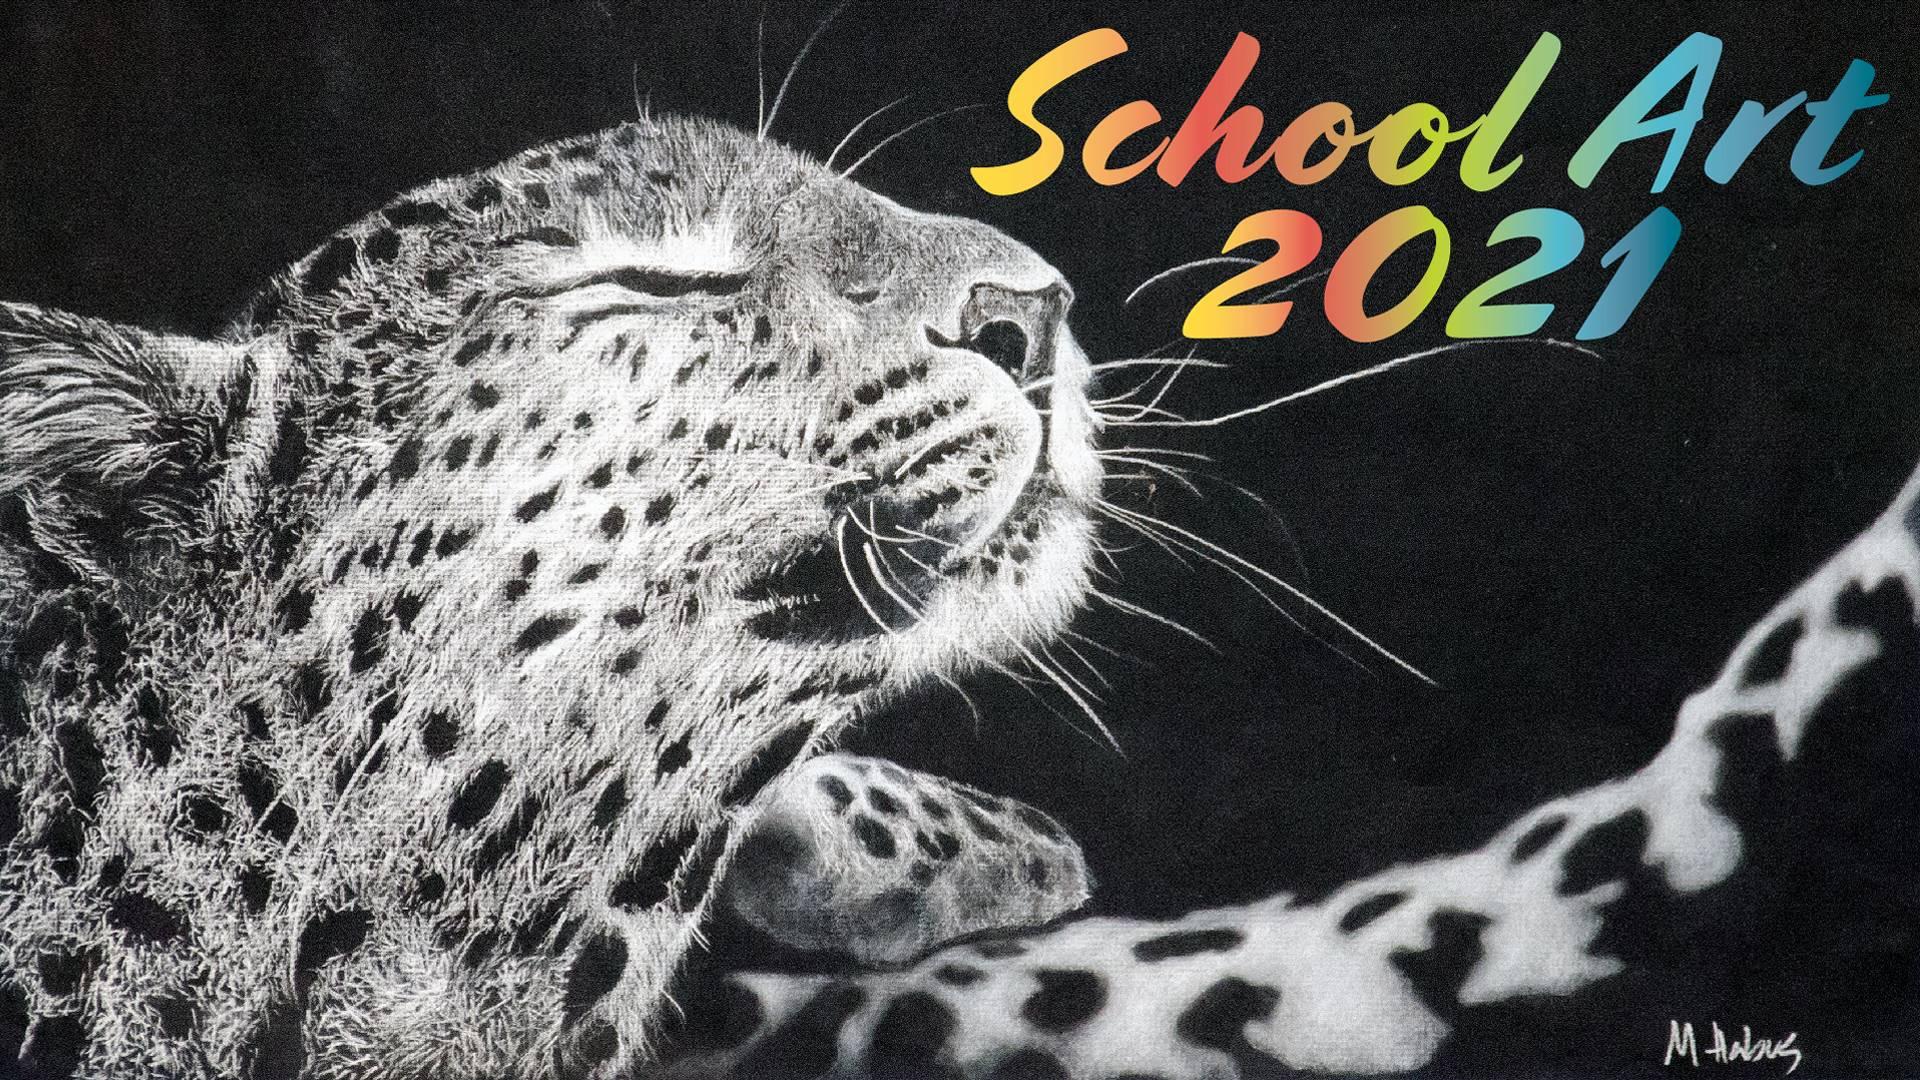 School Art 2021